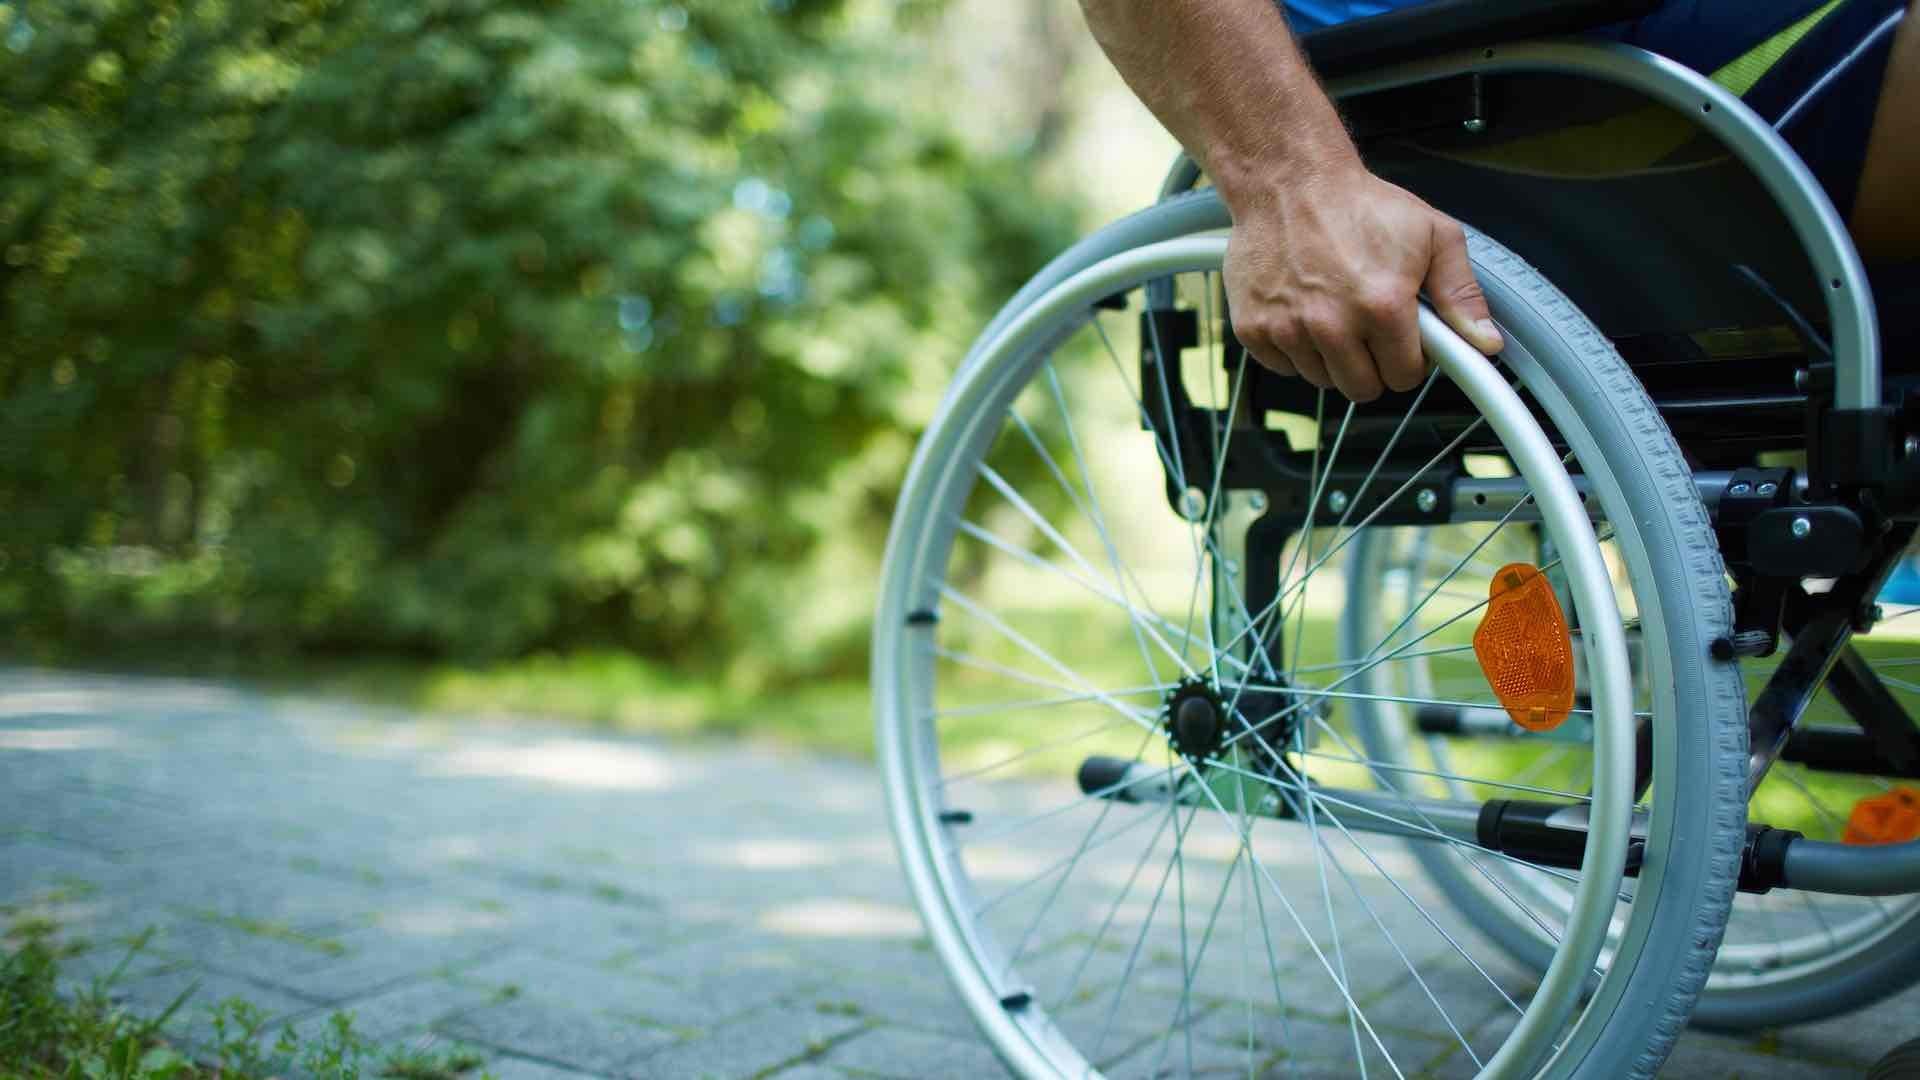 Sedia a rotelle in un parco